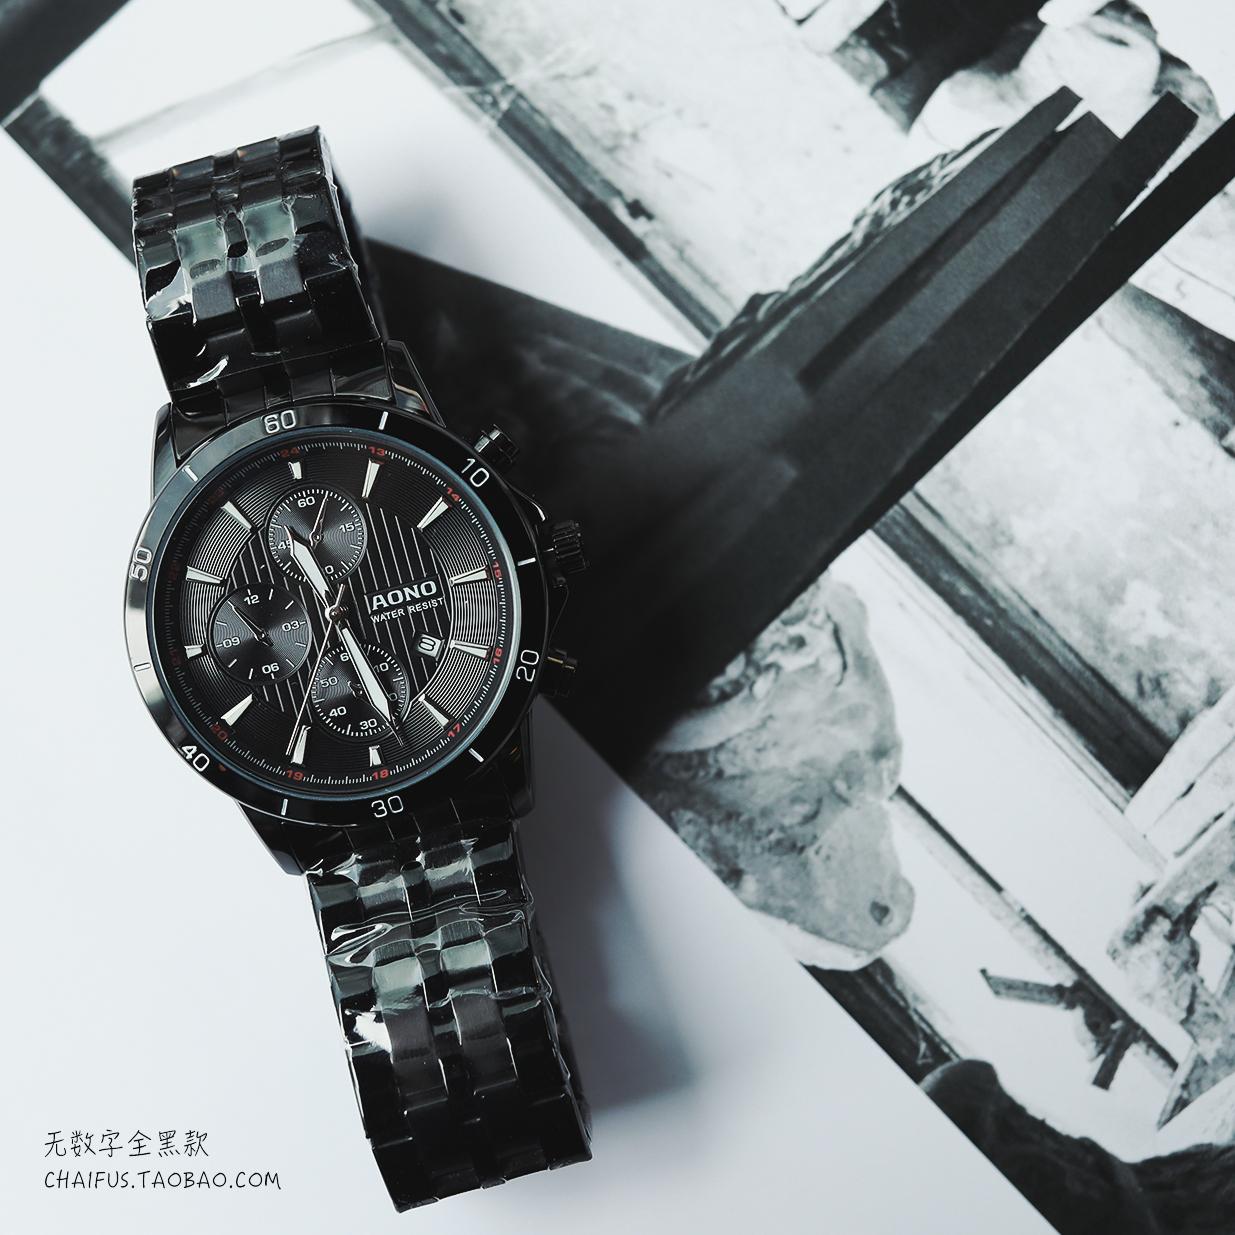 阿柴夫A162「够锺」休闲大表盘非机械学生带日历石英钢带手表男